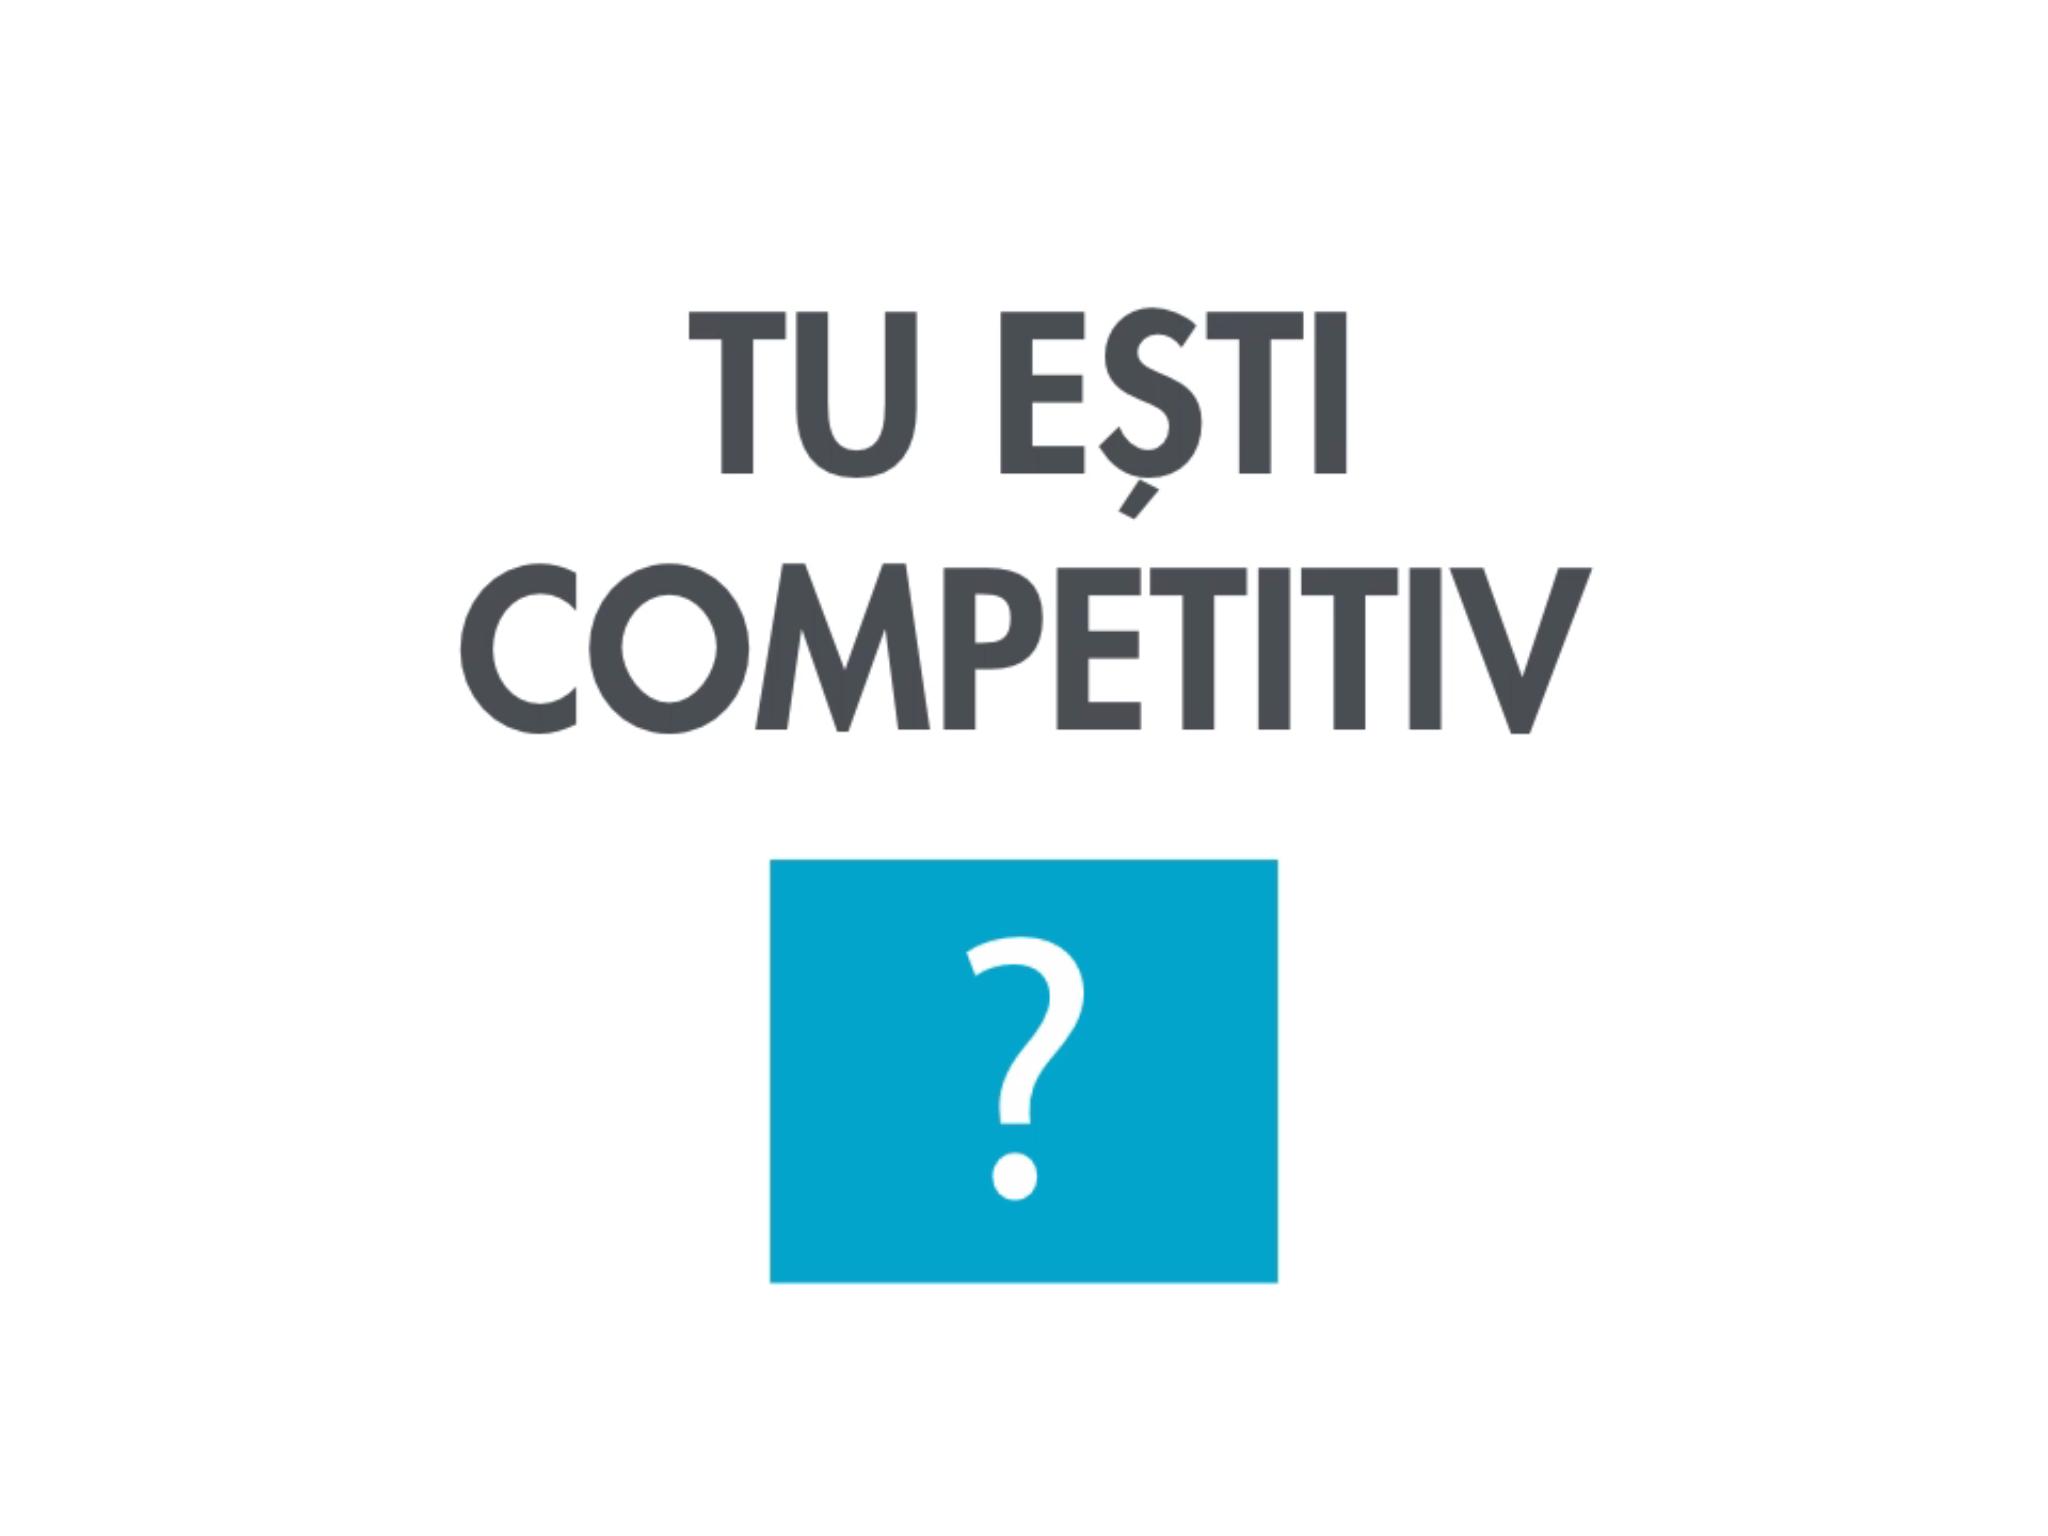 Competitivitatea educației încotro? Contează mai puțin că ne plasăm sub Bulgaria şi Ungaria, ceea ce contează cu adevărat este distanța la care ne aflăm față de tinerii din Singapore, Japonia sau Estonia